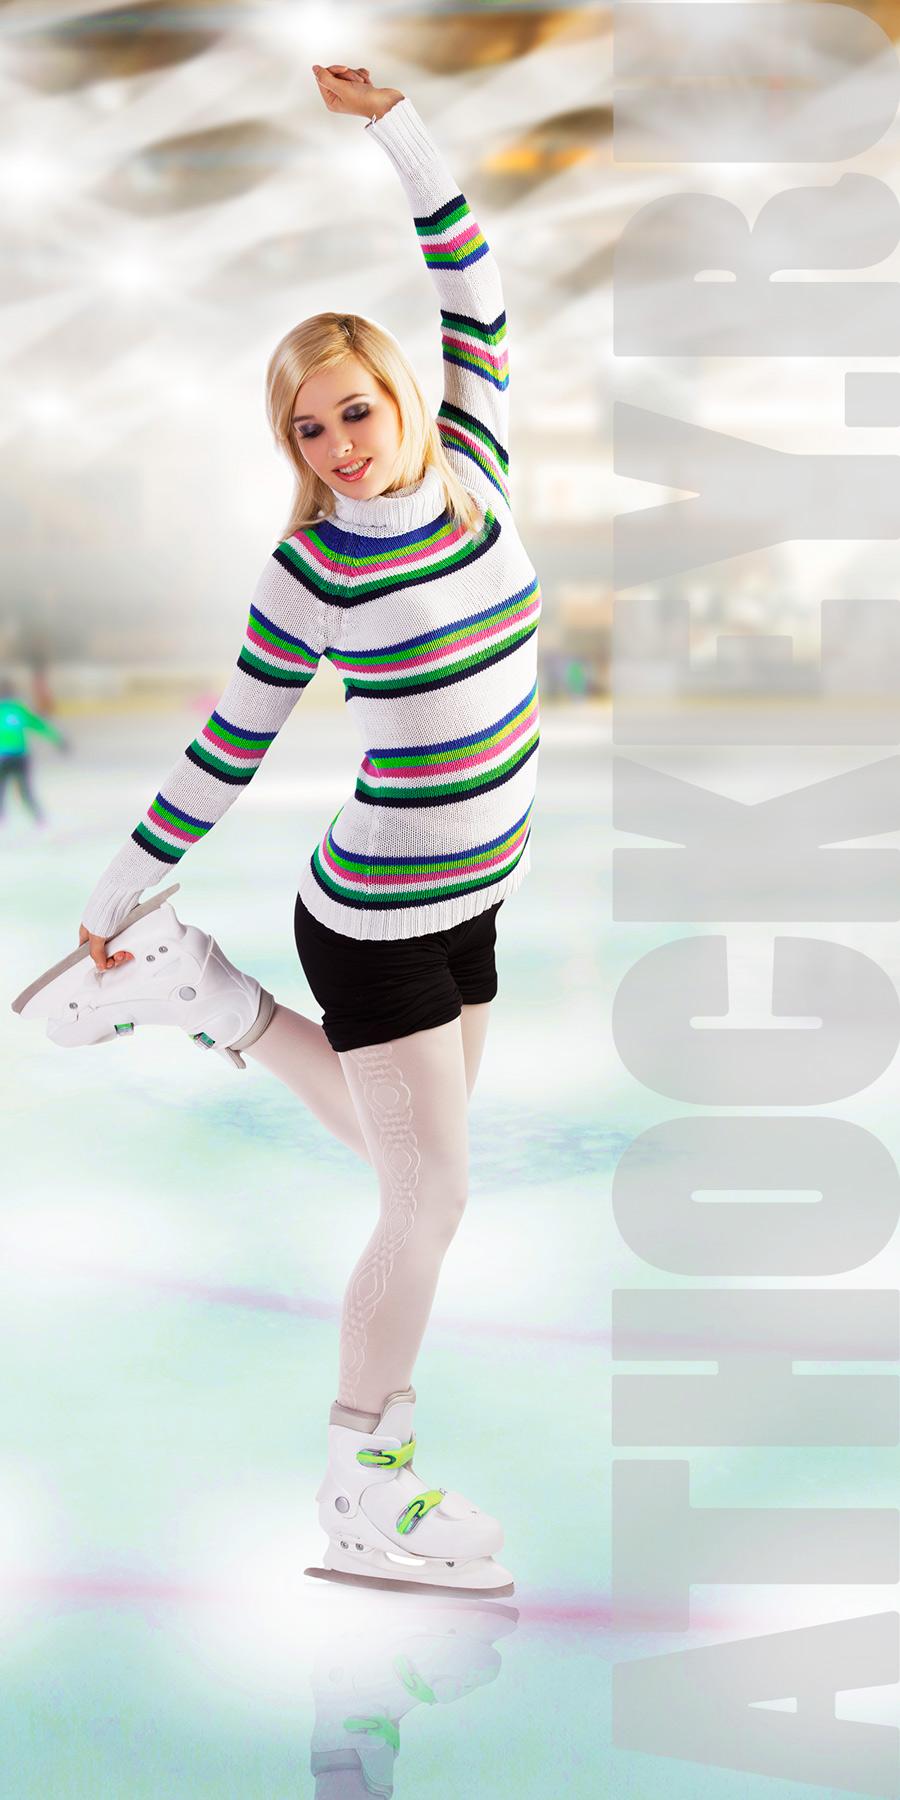 fitness-na-ldy-na-konkah-athockey.ru